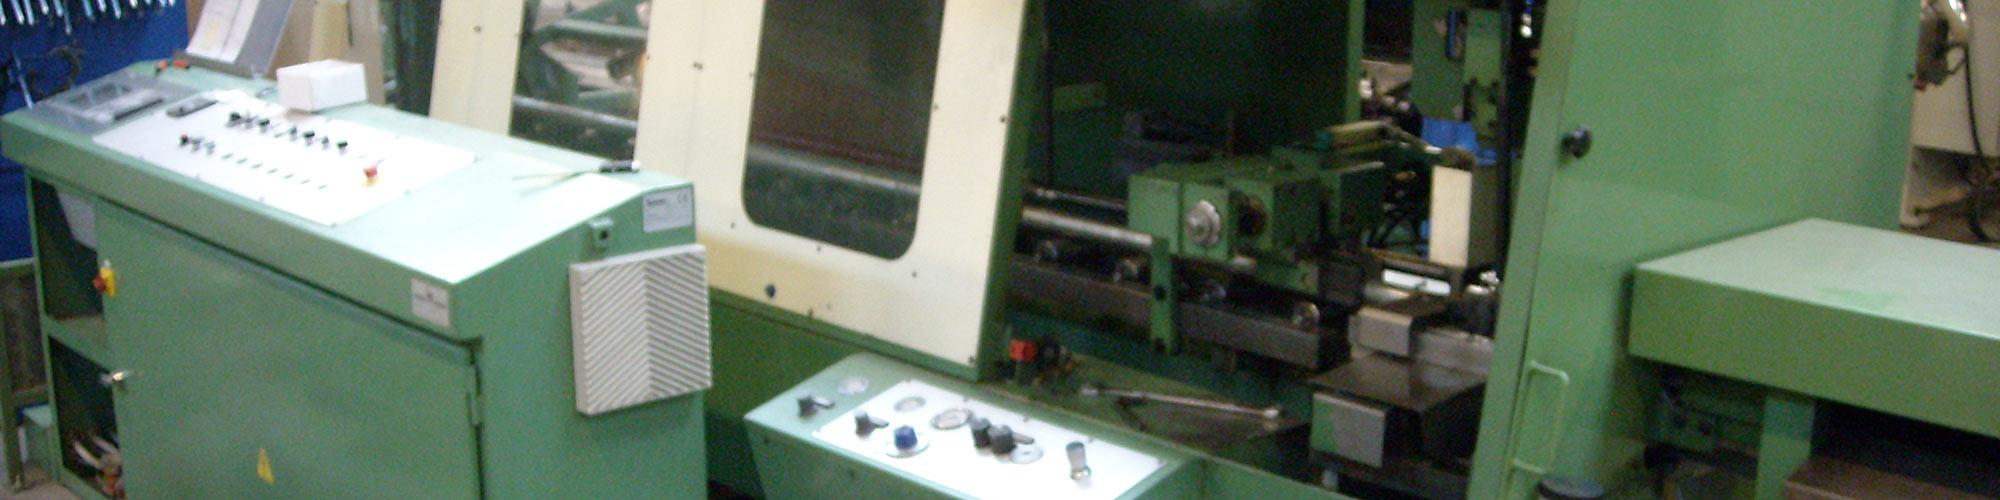 CNC automatsav